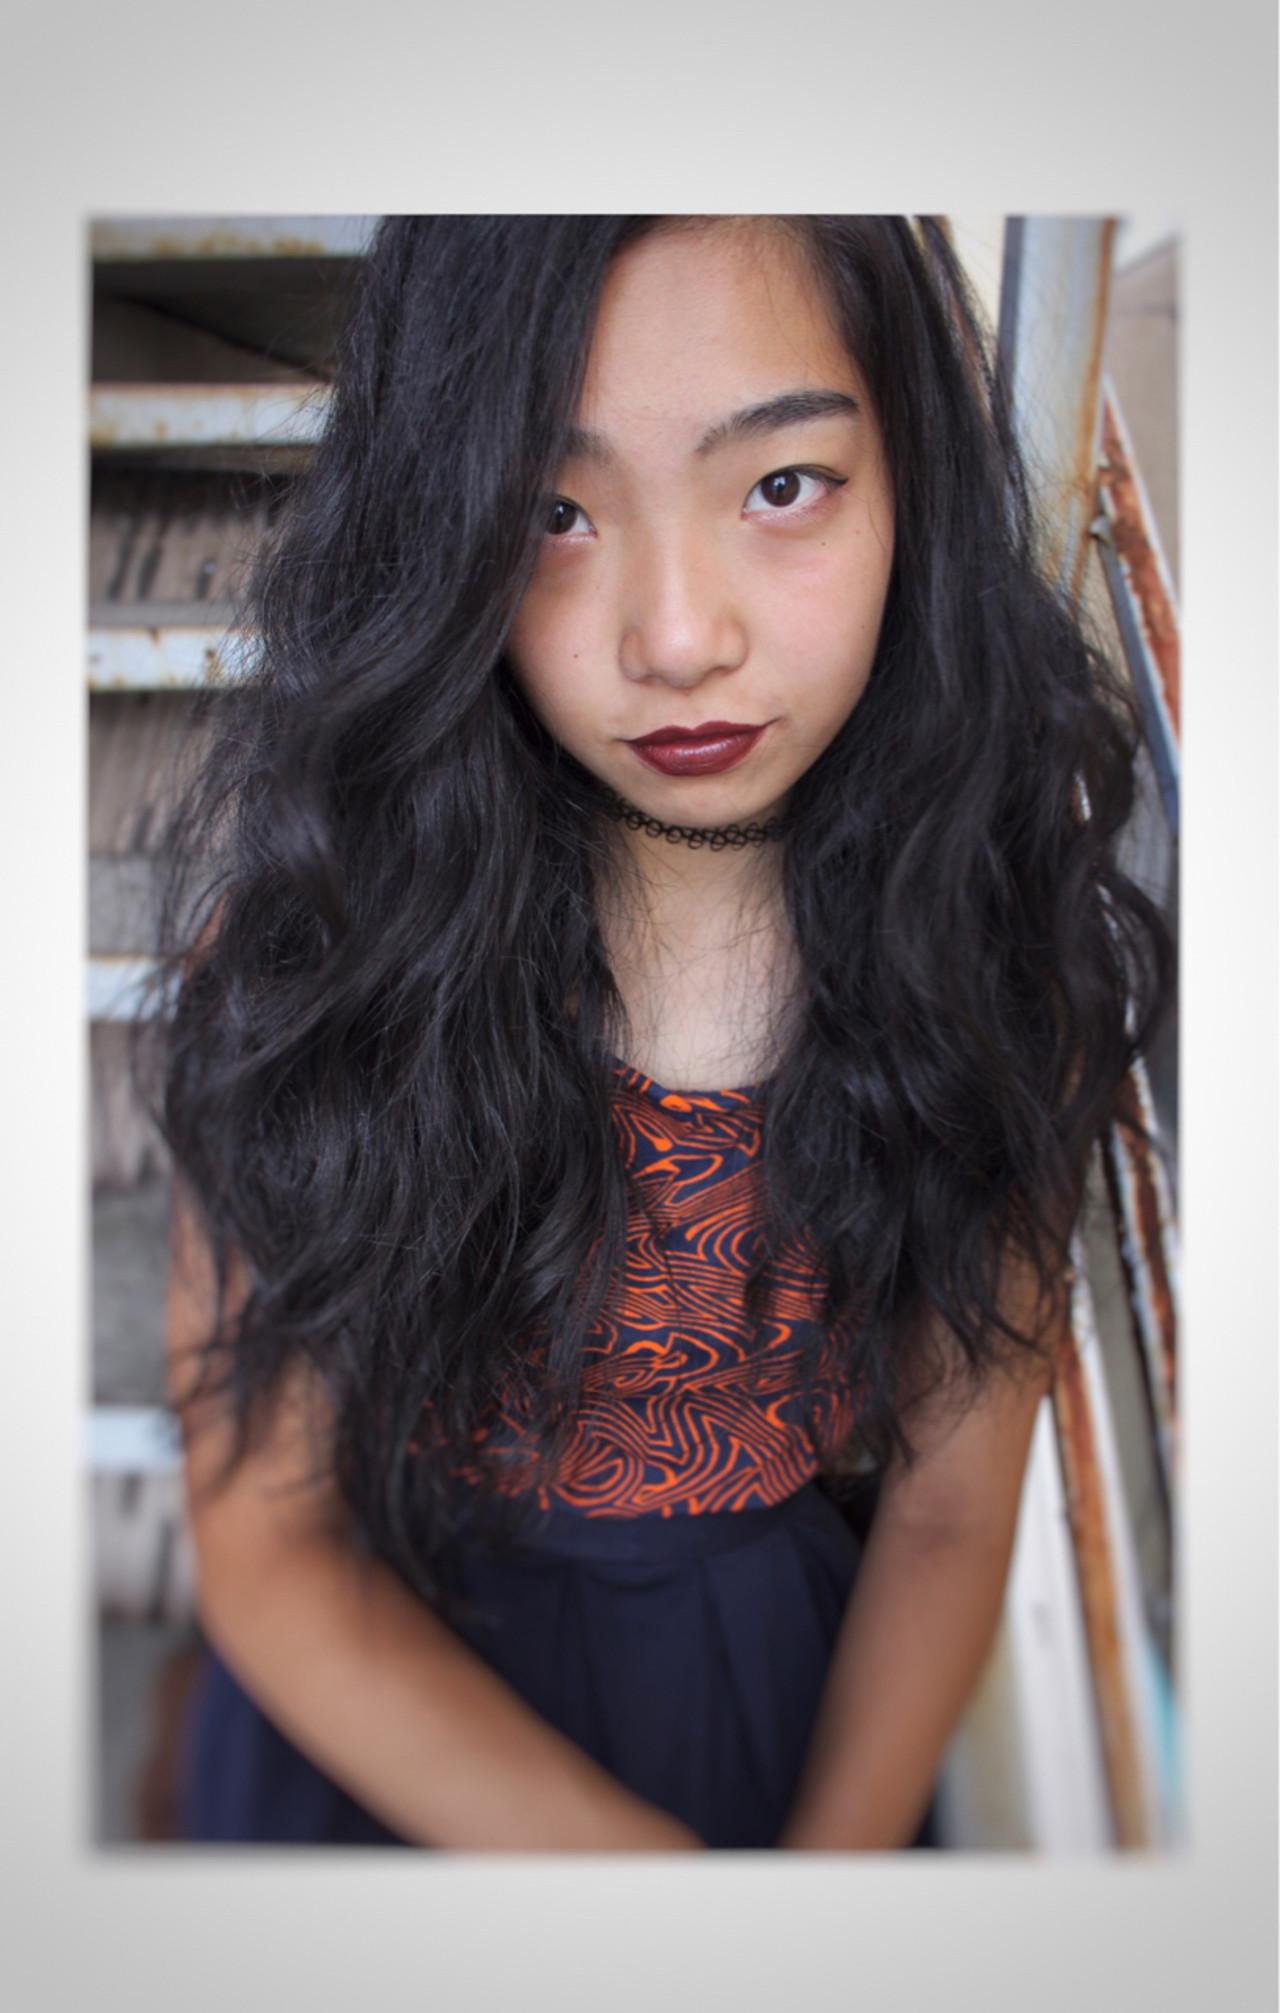 ゆるふわ くせ毛風 ロング 黒髪 ヘアスタイルや髪型の写真・画像